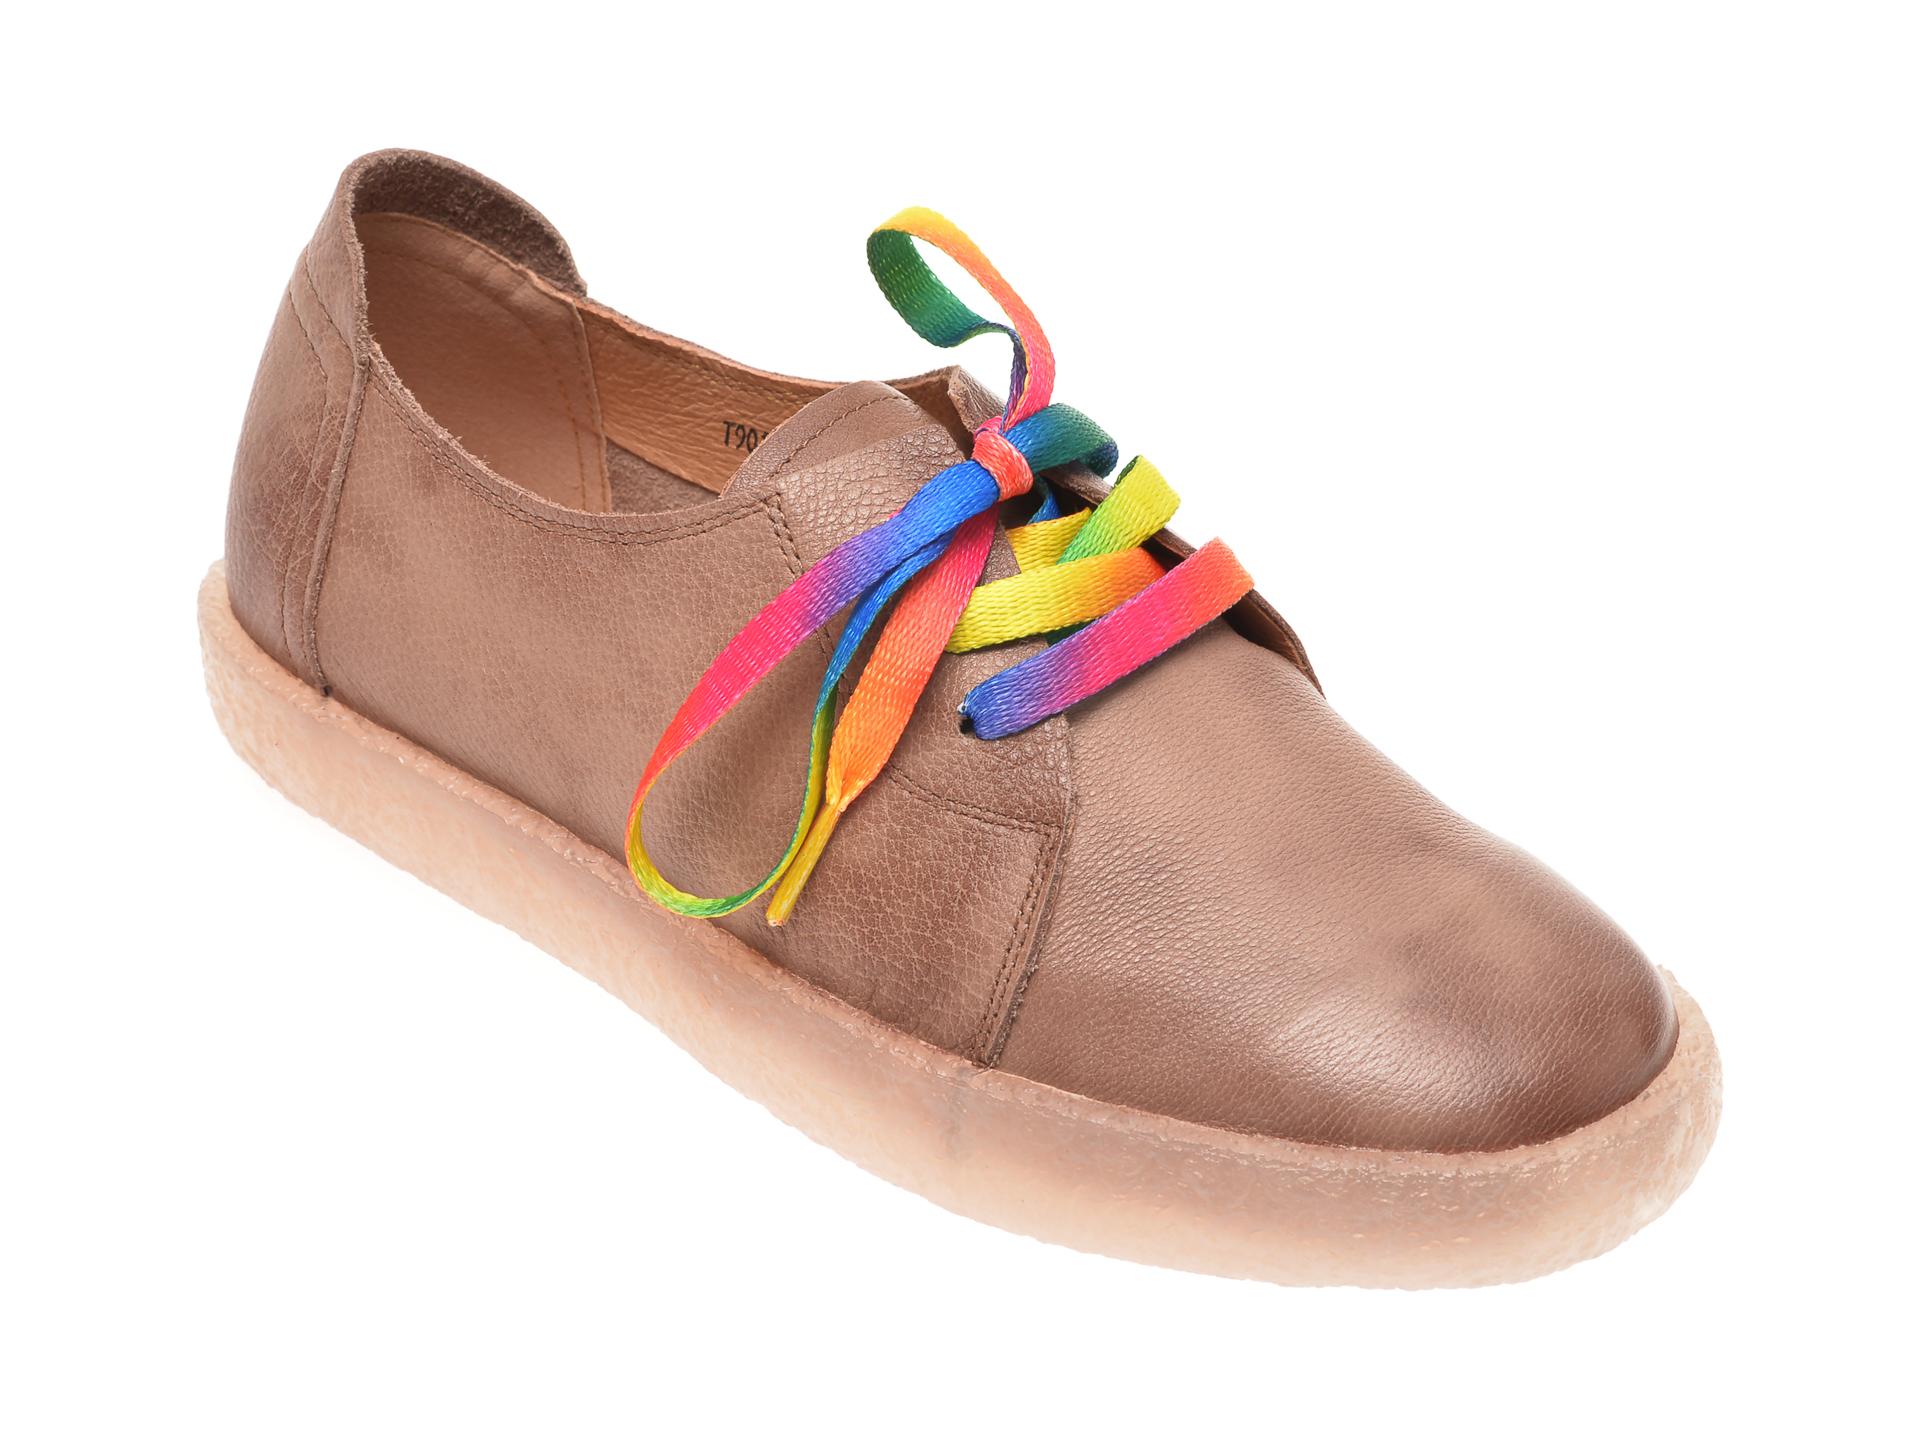 Pantofi PASS COLLECTION nude, T9019, din piele naturala